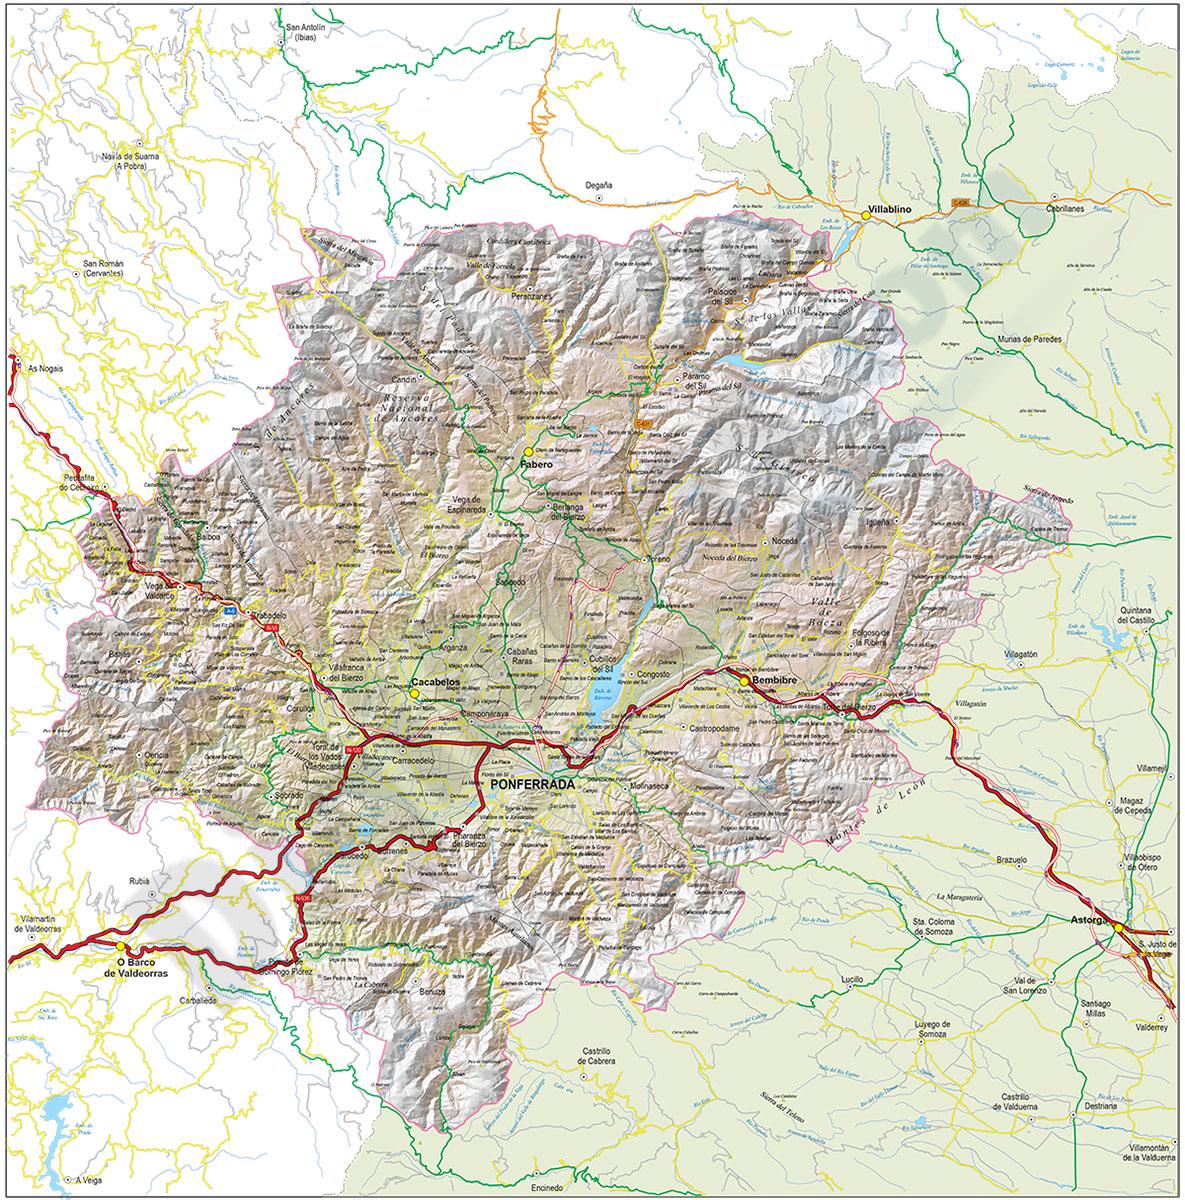 El Bierzo - Mapa de la Comarca